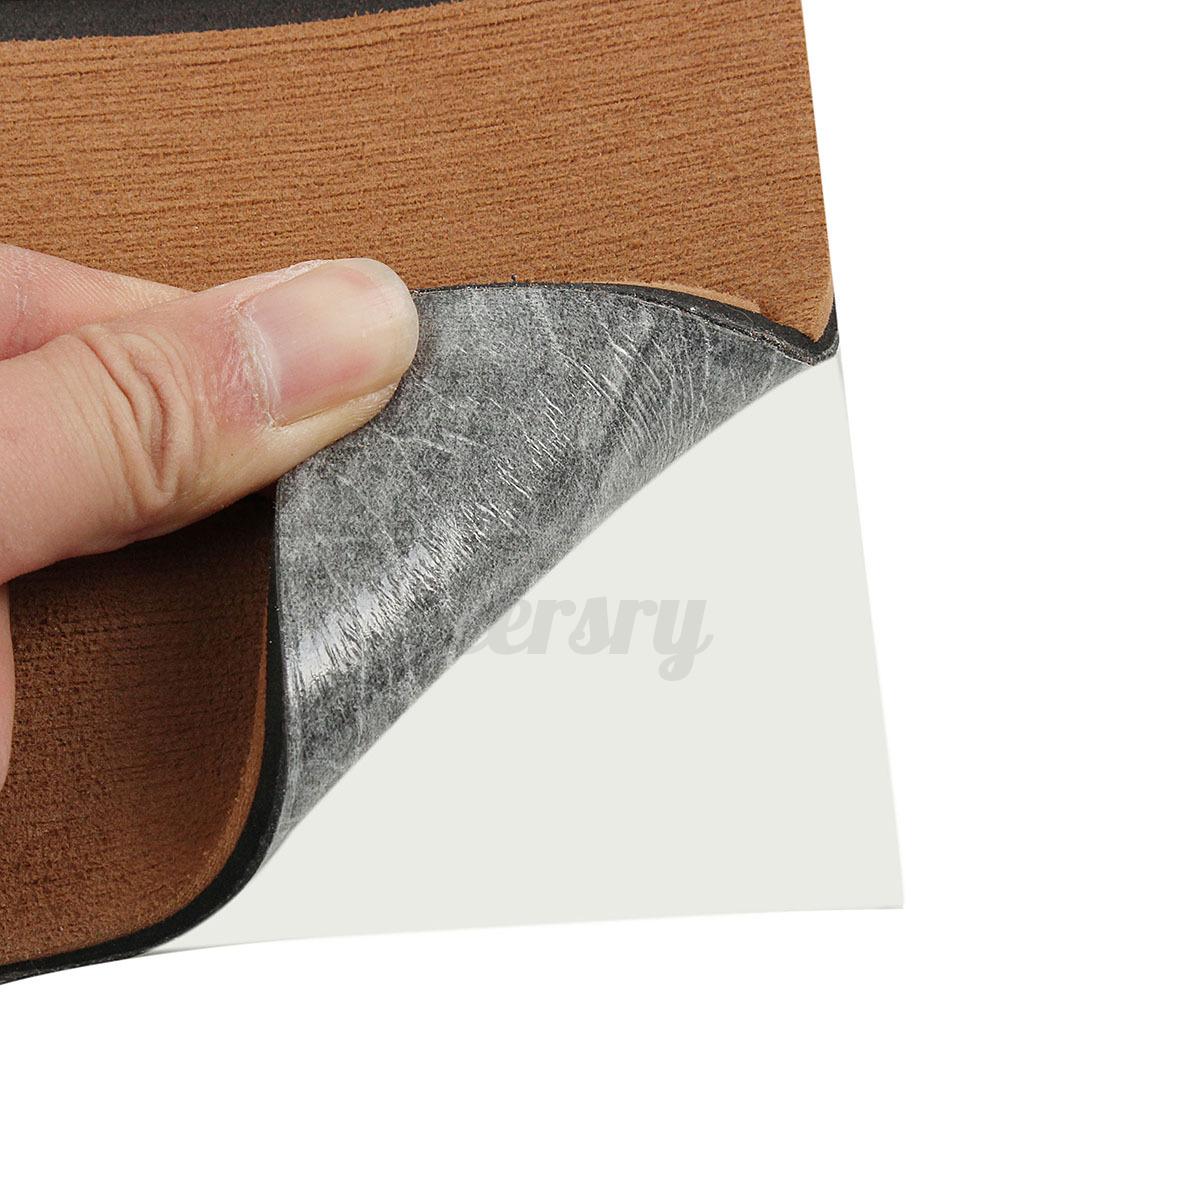 EVA-Bodenbelag-2400x1200x6mm-Fussboden-Teak-Flooring-Dunkelbraun-fuer-Yacht-Boot Indexbild 10